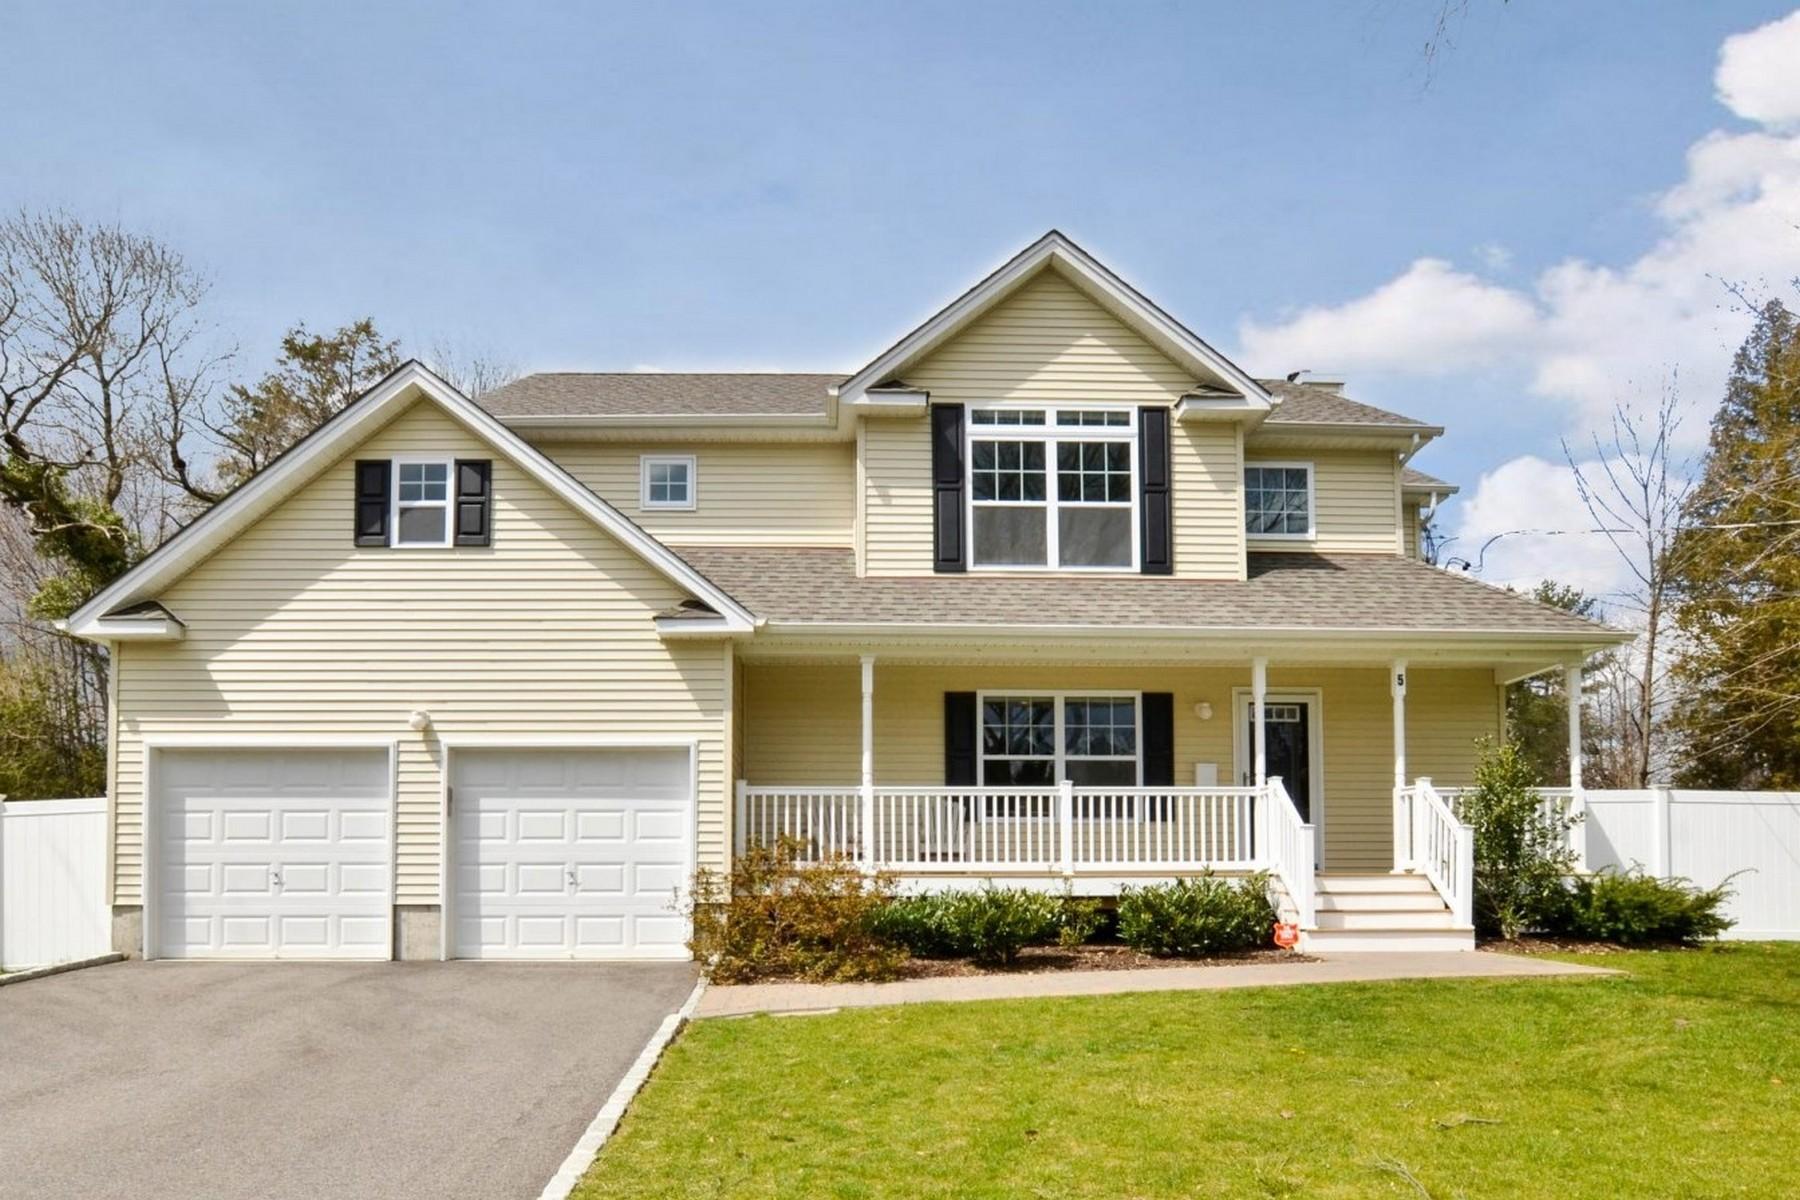 Einfamilienhaus für Verkauf beim Colonial 5 Crestwood Dr Huntington Station, New York, 11746 Vereinigte Staaten